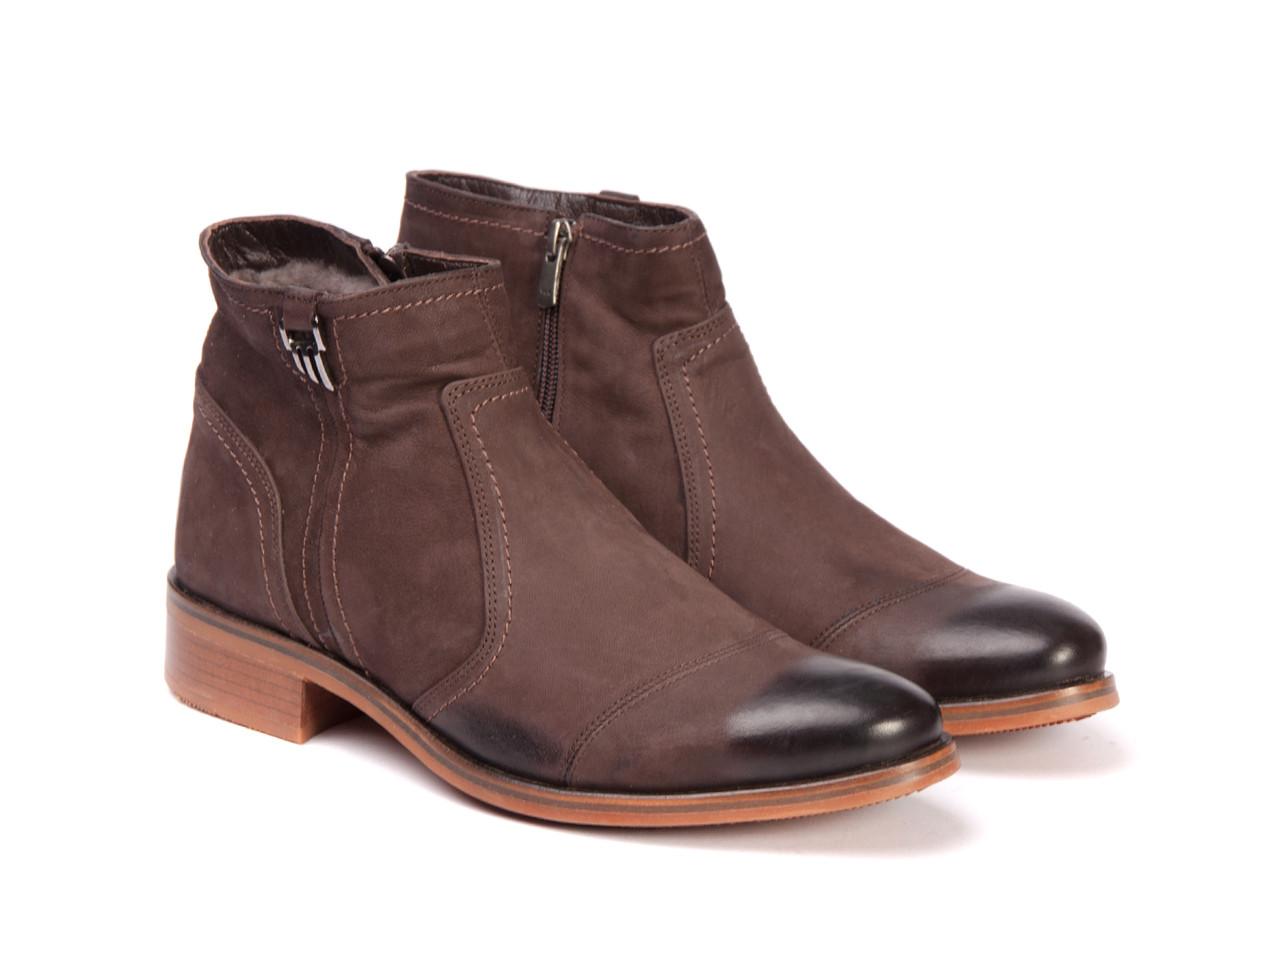 Ботинки Etor 9926-5754 коричневые